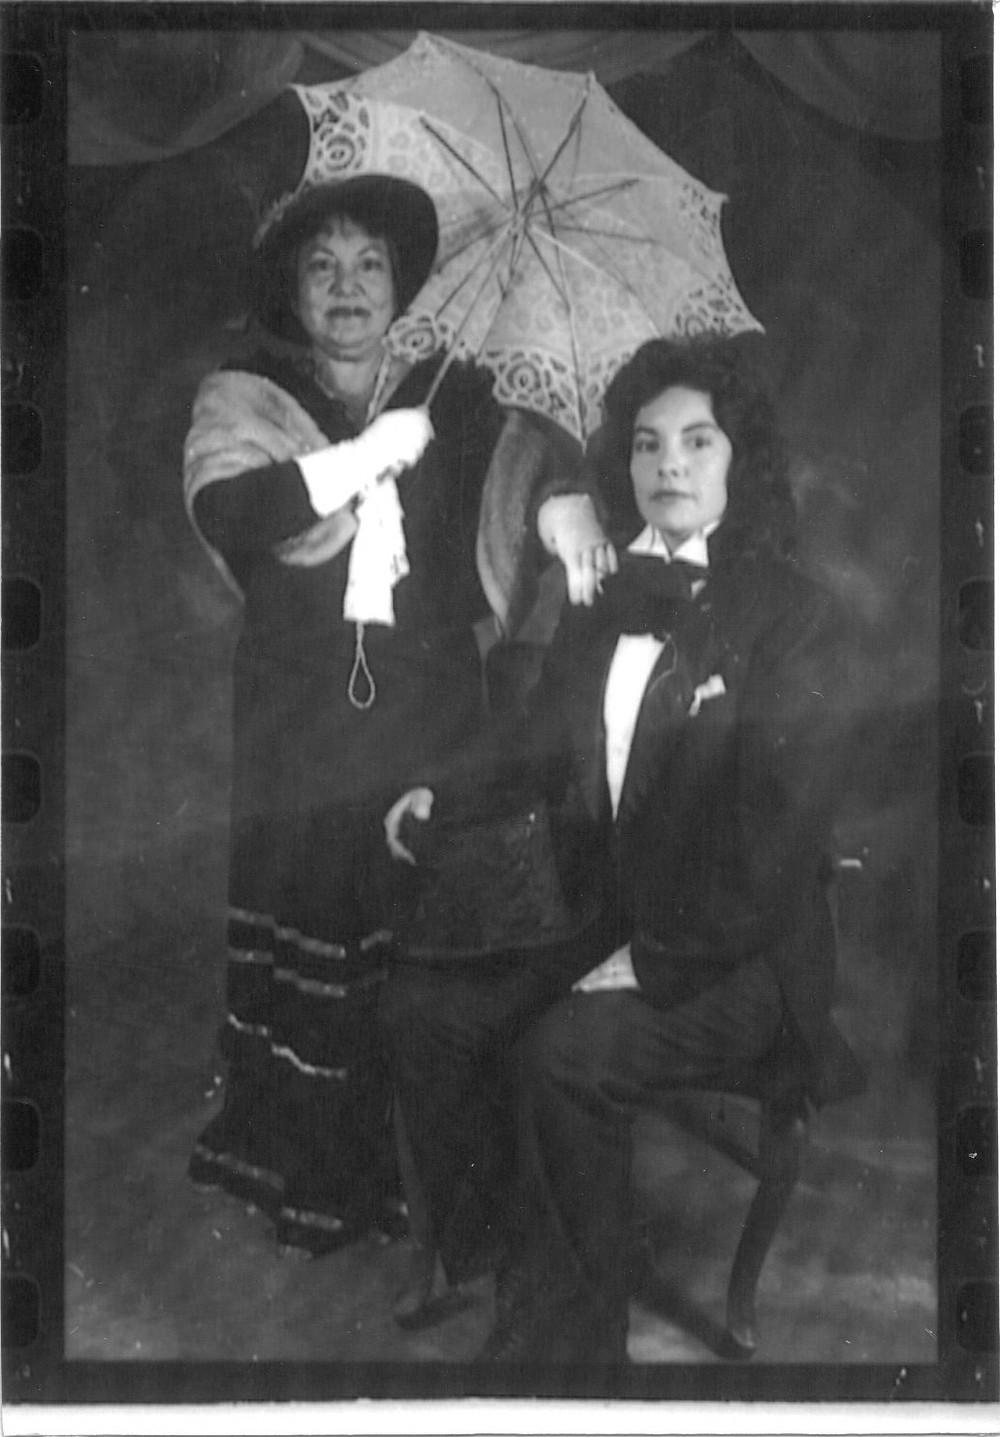 mujeres vestidas con atuendos de epoca, sombrilla